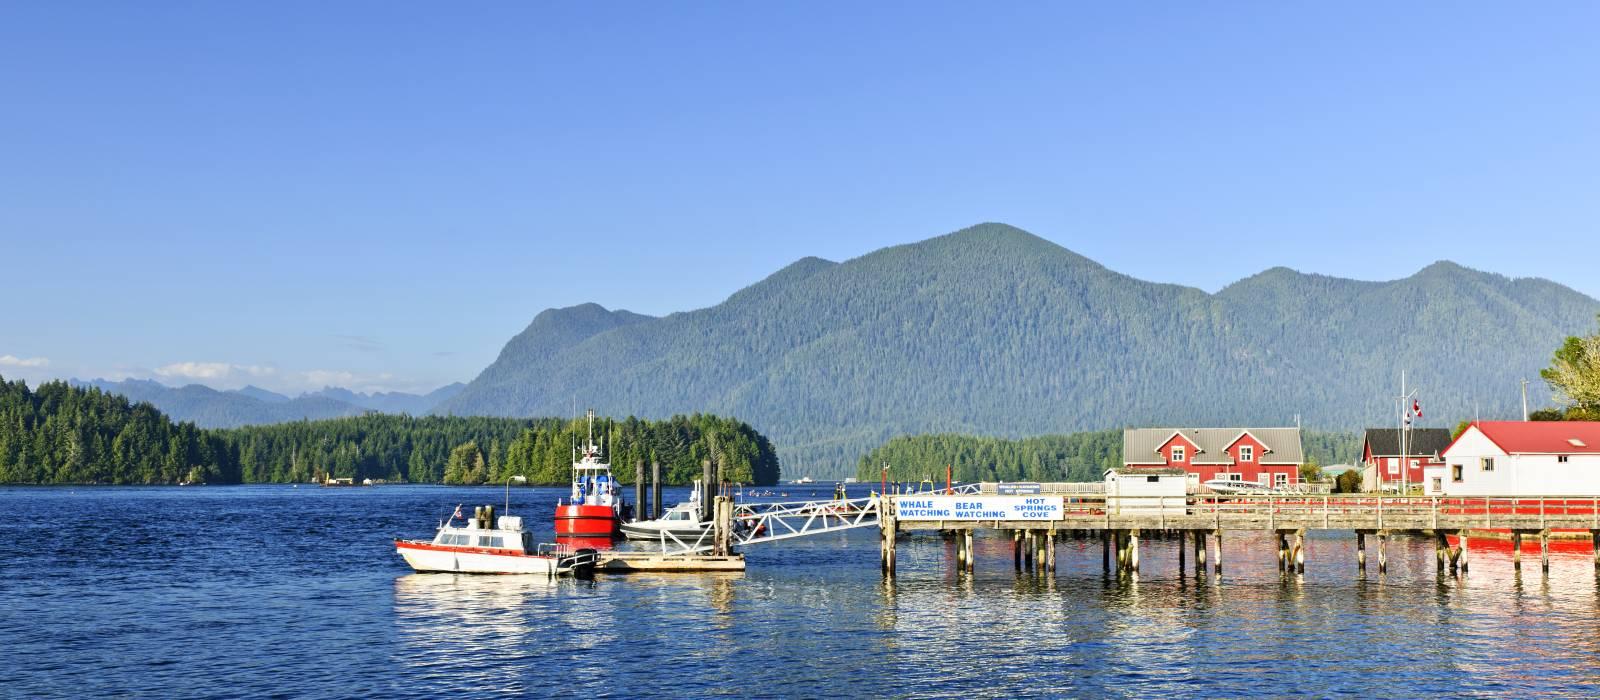 Kanada Roadtrip – wilder, weiter Westen Urlaub 1